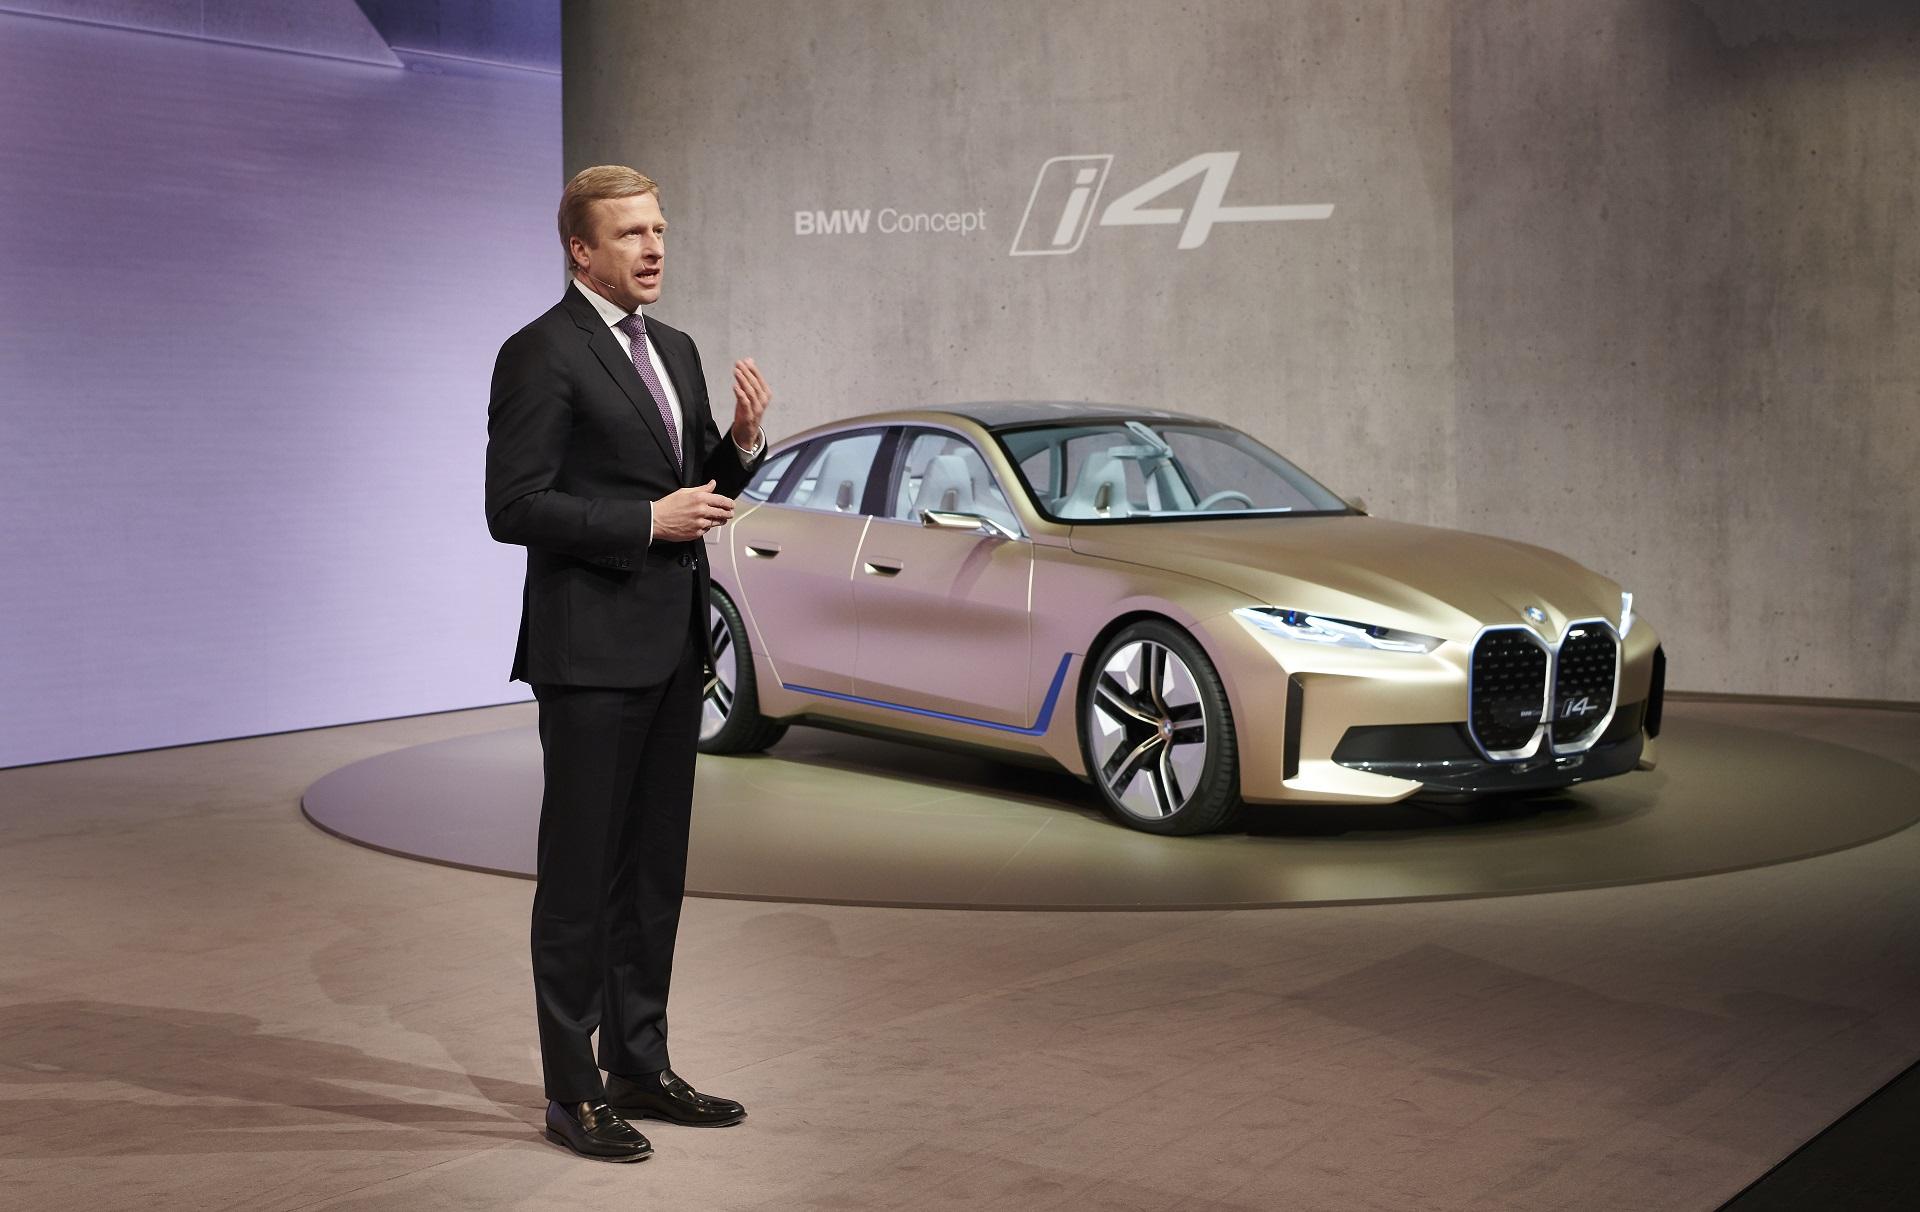 Генеральный директор BMW сомневается в долгосрочном росте Tesla, поскольку промышленность догоняет